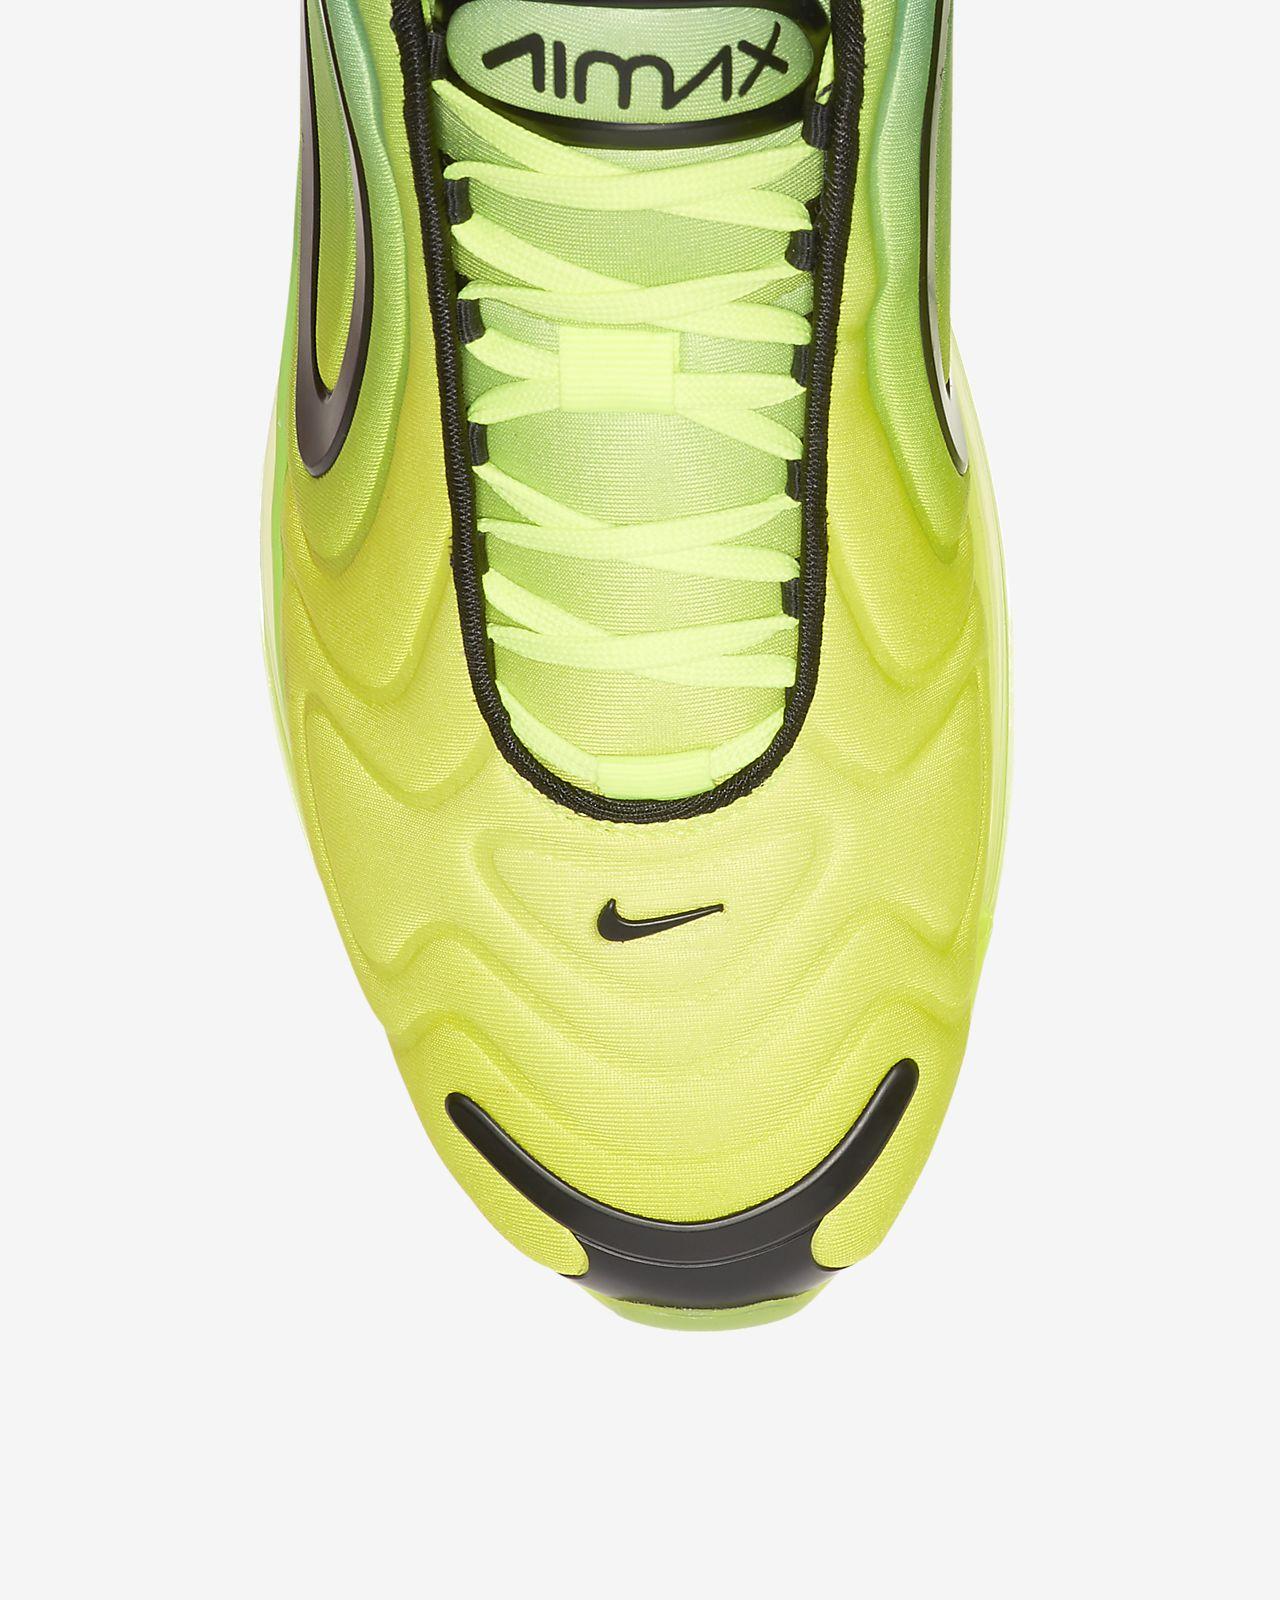 f2771b65d89e1 Nike Air Max 720 Men's Shoe. Nike.com